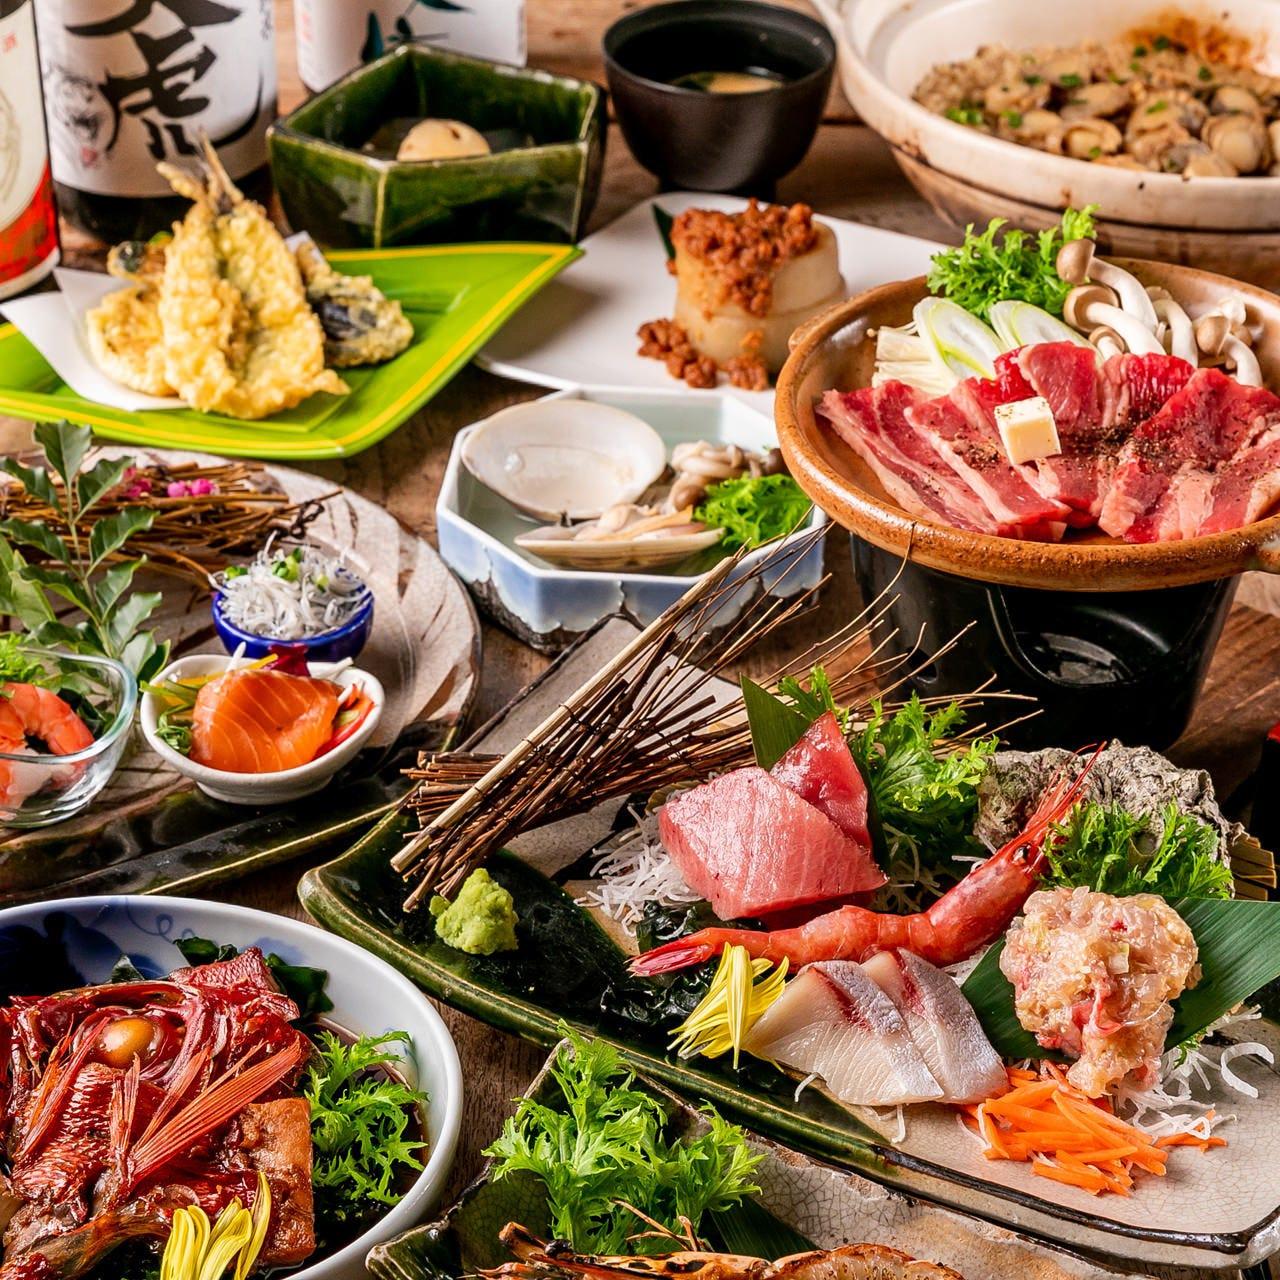 【4月~6月限定】個別盛り!『海鮮料理+黒毛牛の会席』「鮮魚のお造り」や「黒毛牛の陶板焼き」など